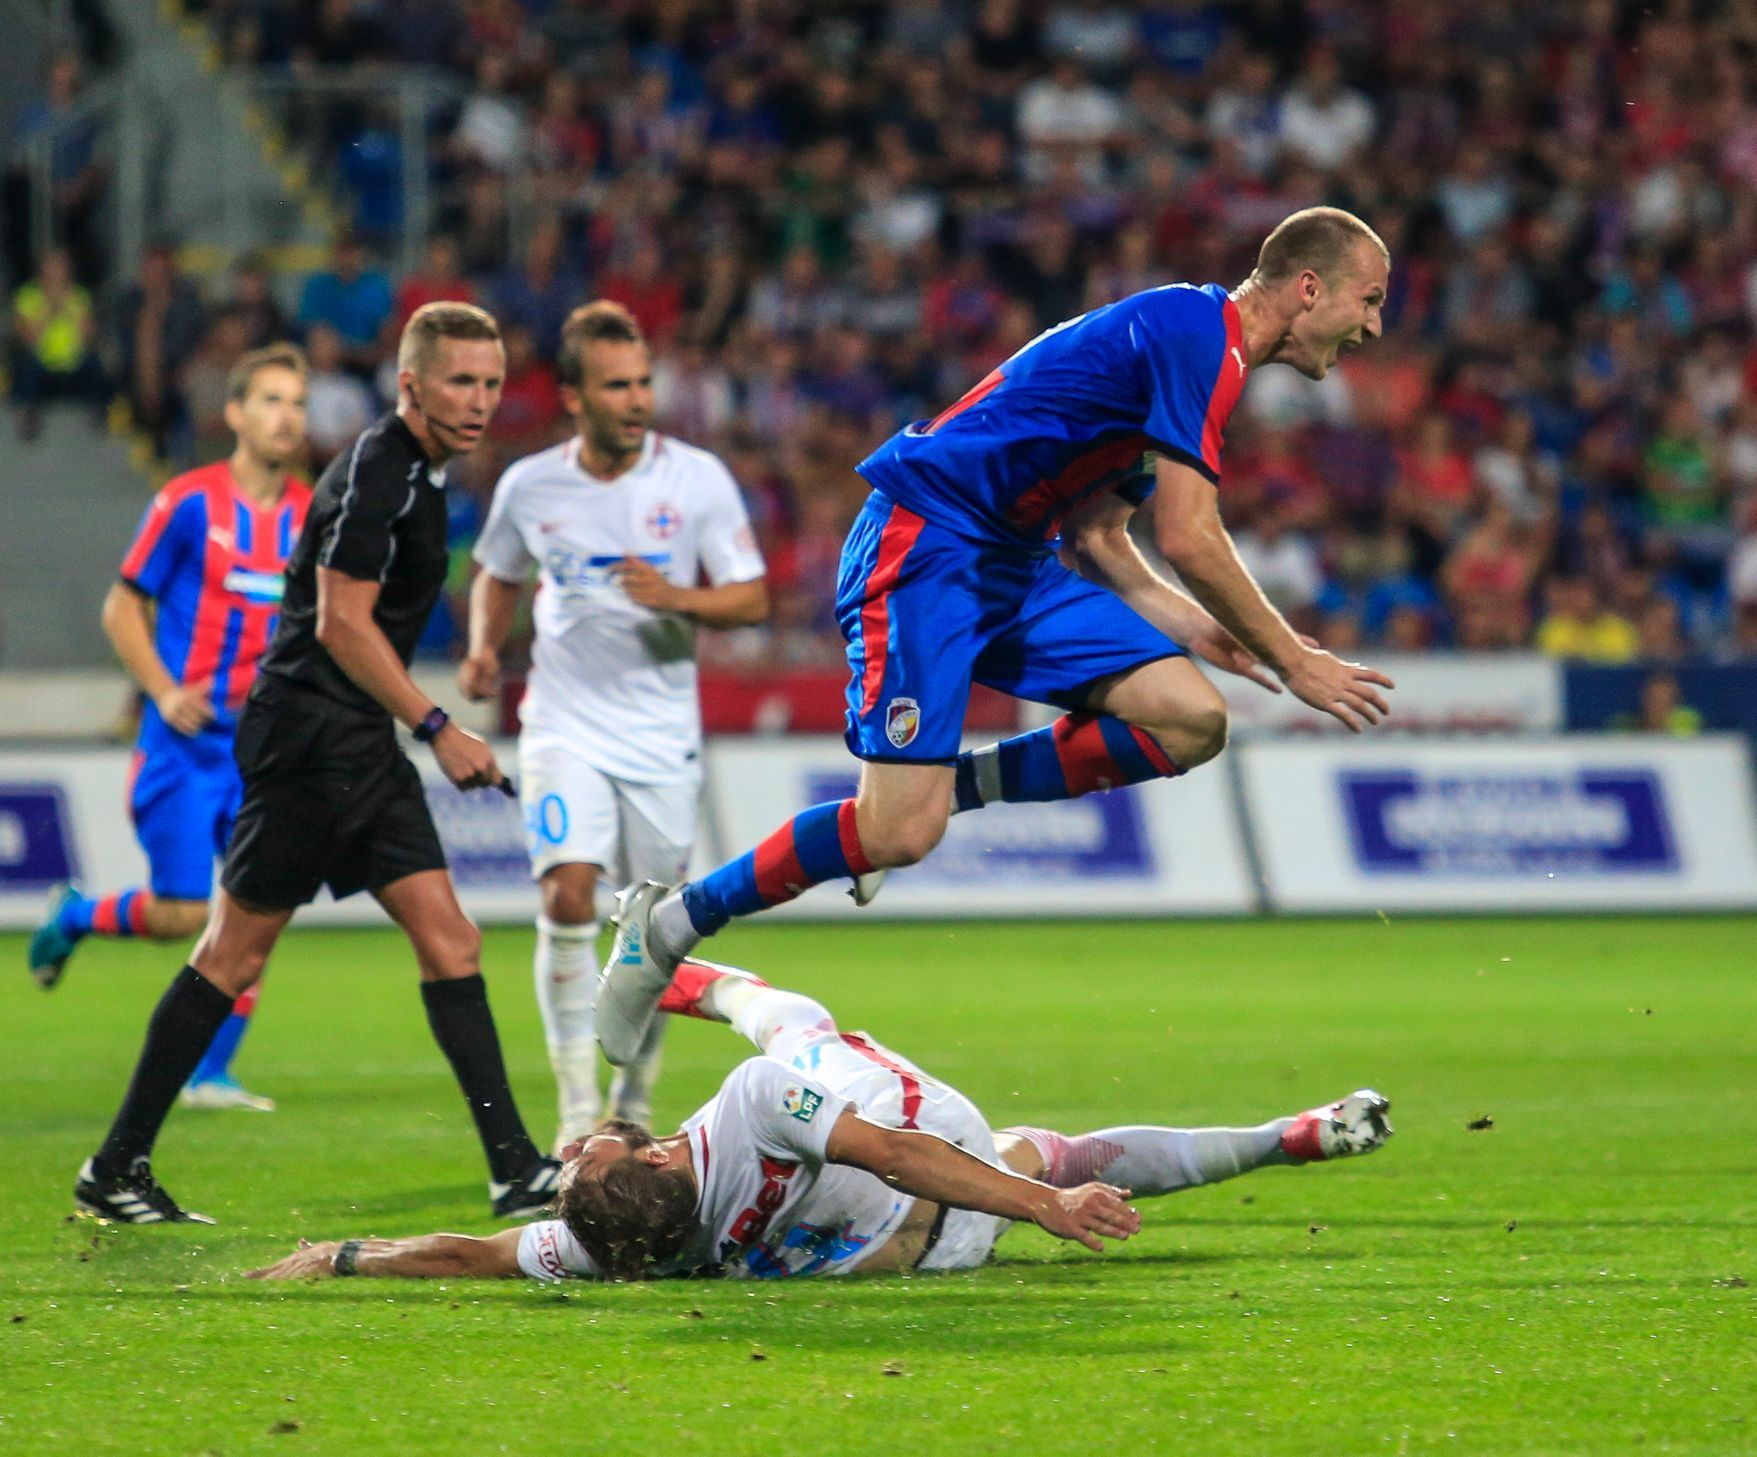 Los Evropské Ligy Twitter: Živě: Plzeň Jde Zase Na Bukurešť, Slavia Poletí Do